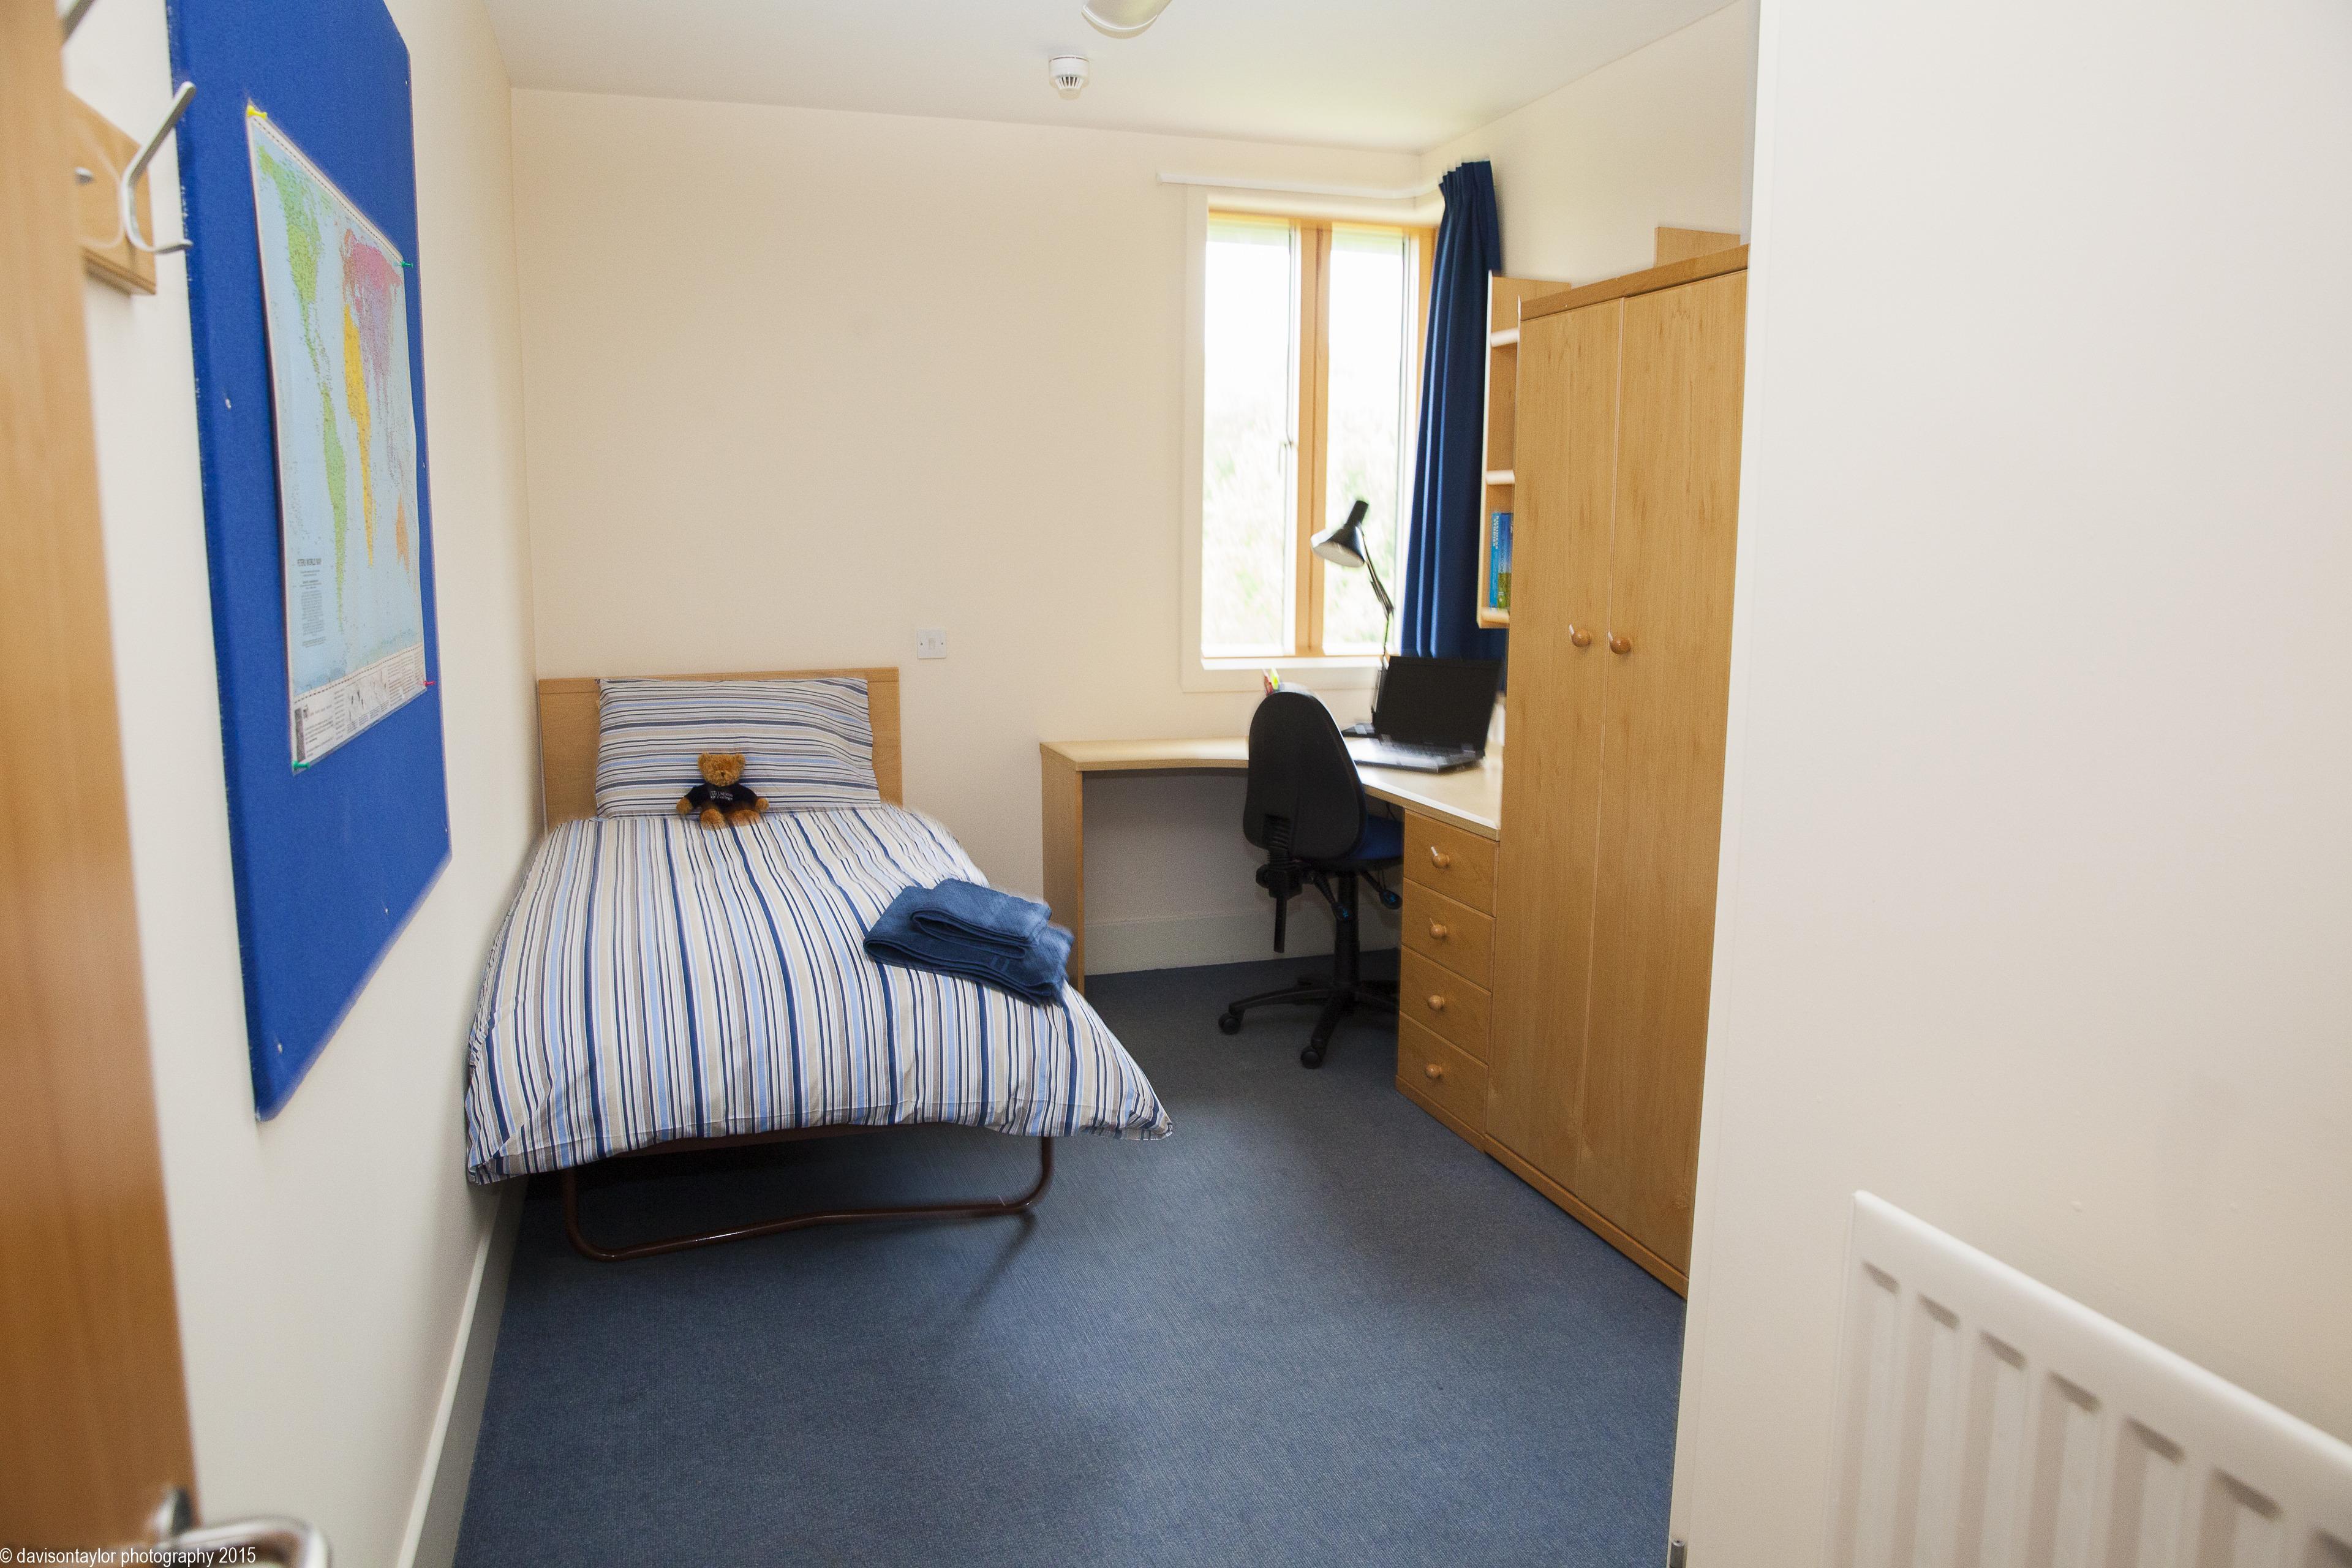 Ustinov College Accommodation Durham University